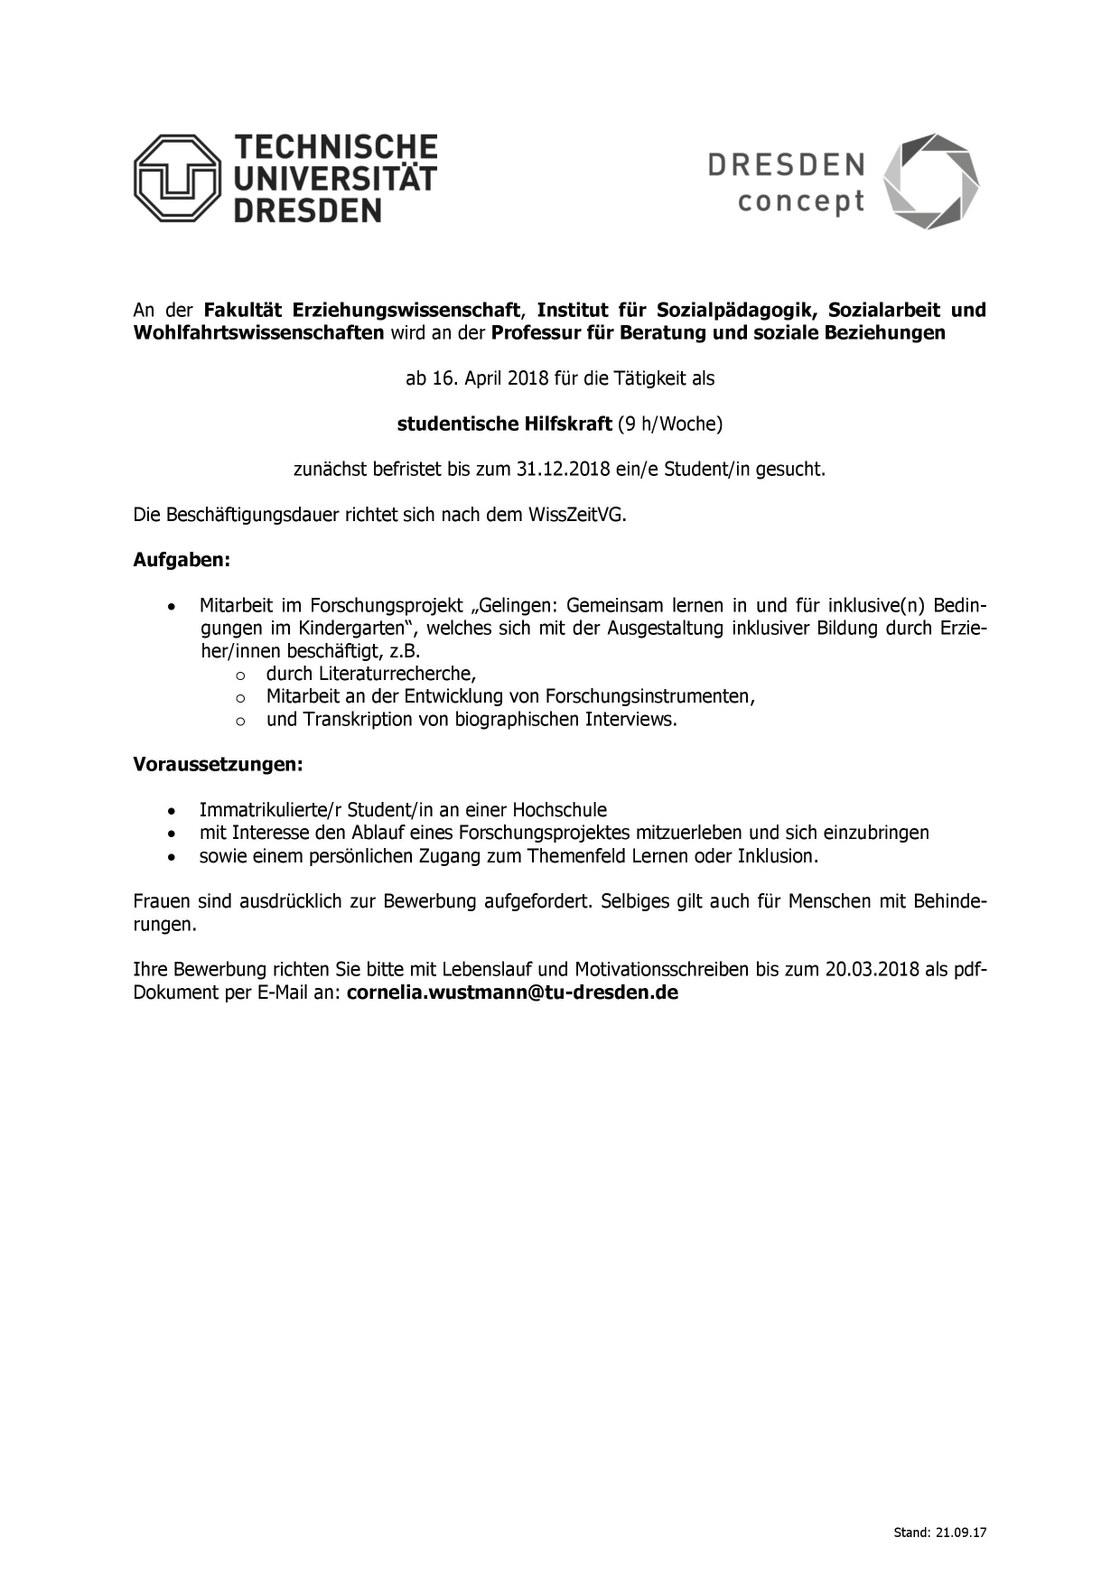 Groß Bildung Lebenslauf Pdf Fotos - Entry Level Resume Vorlagen ...